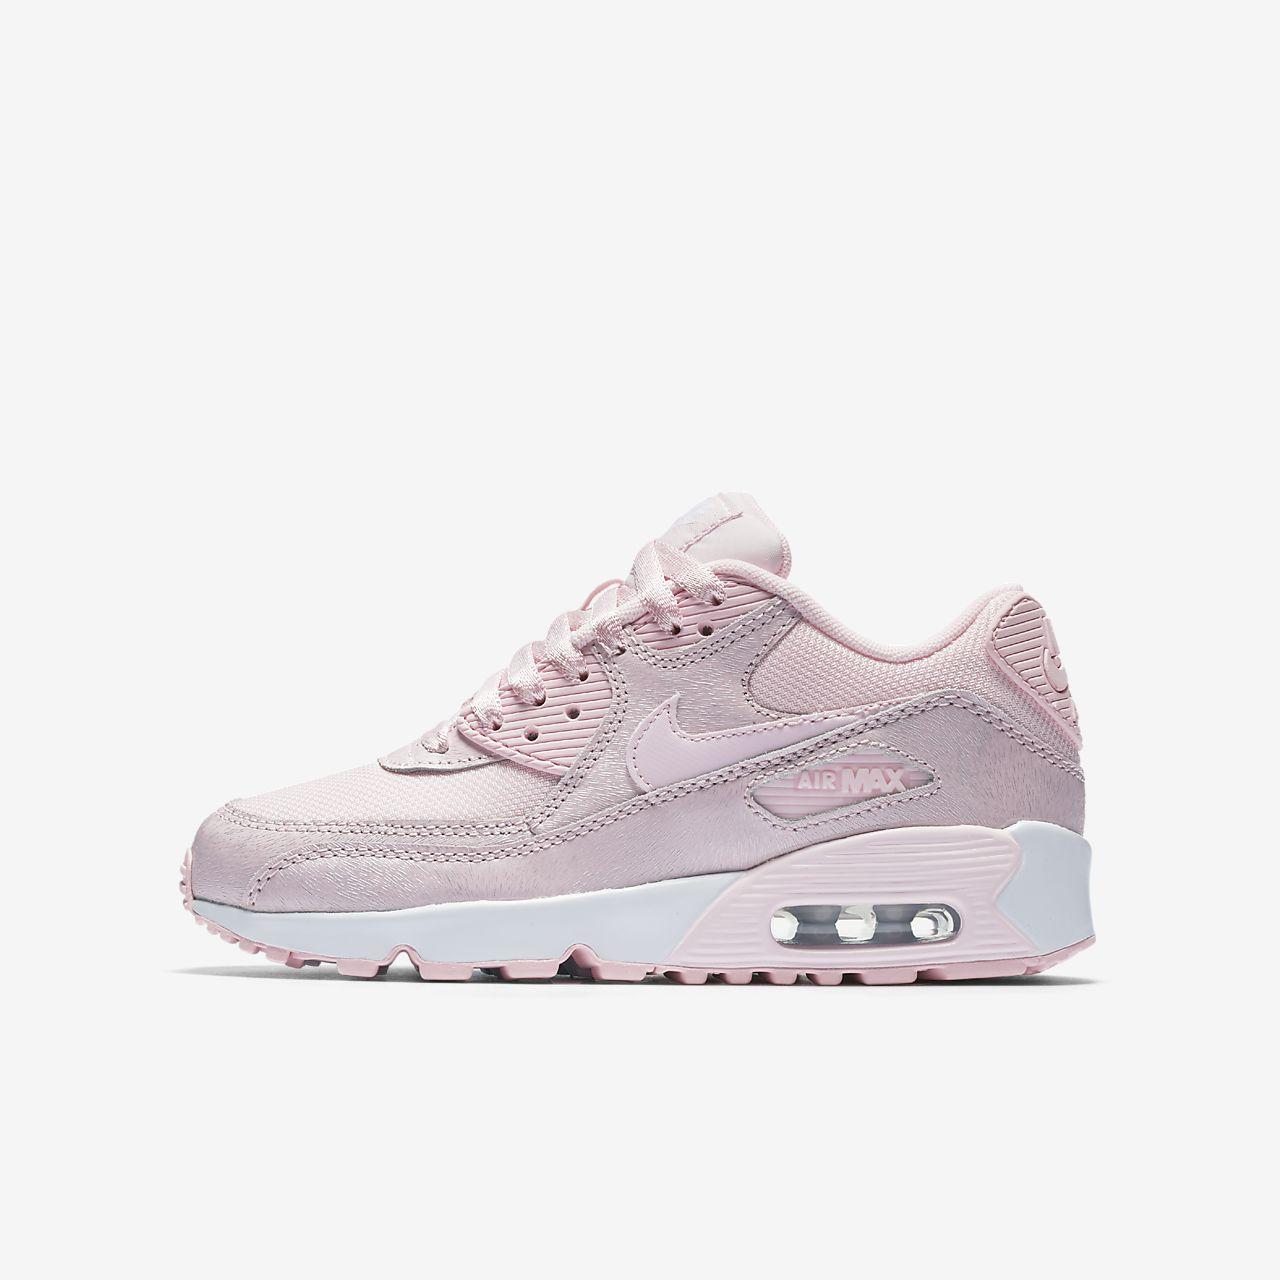 ... Chaussure Nike Air Max 90 SE Mesh pour Enfant plus âgé